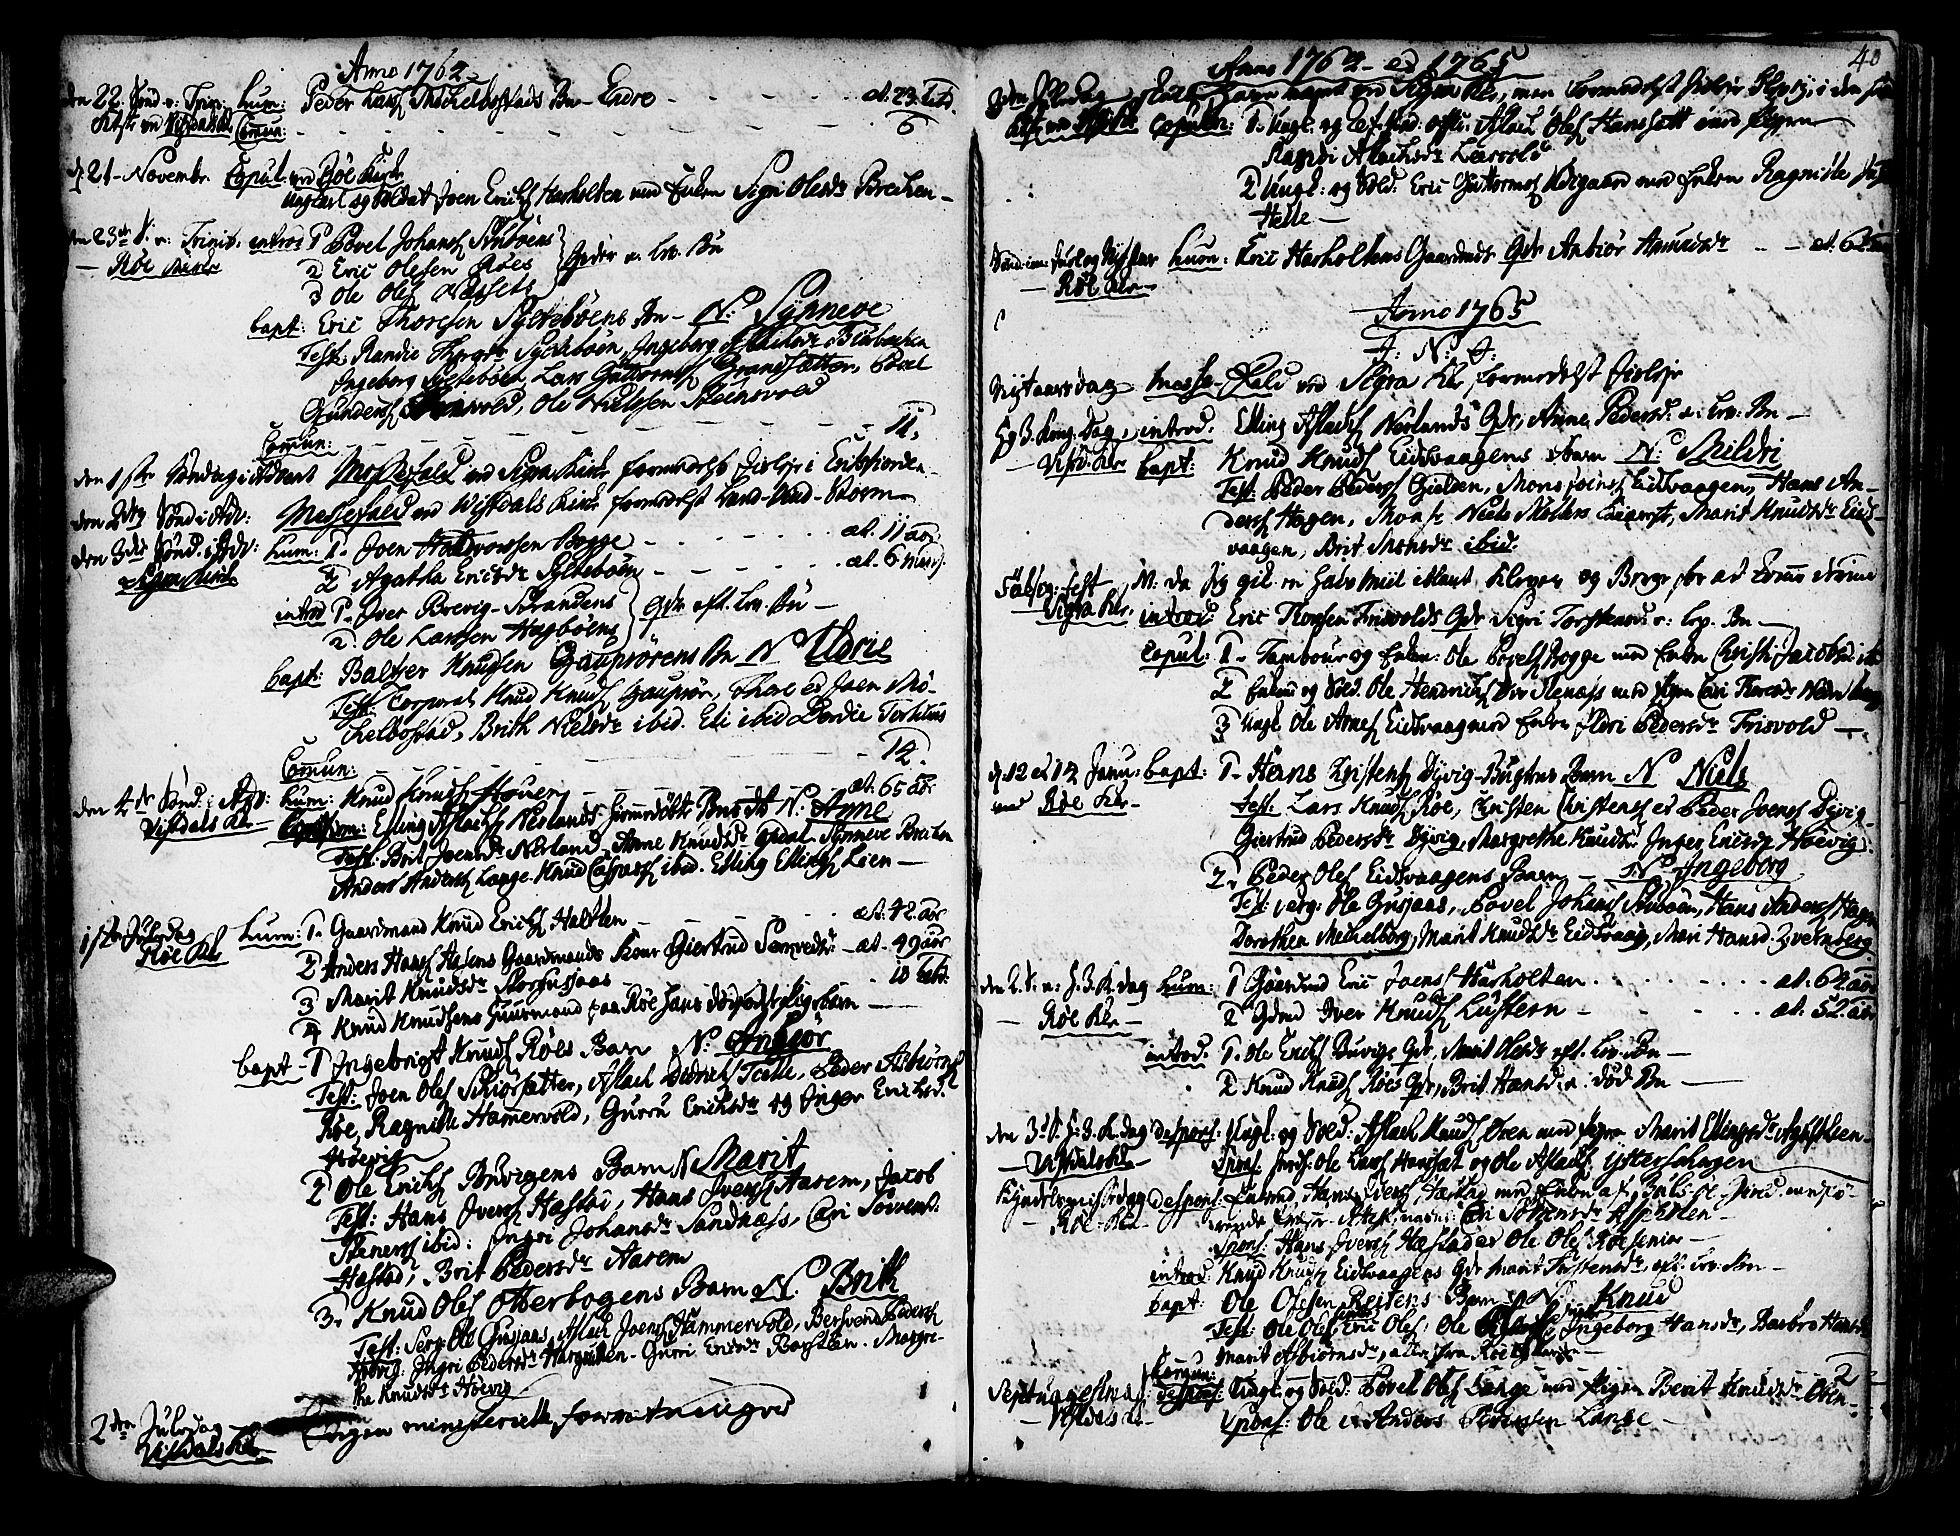 SAT, Ministerialprotokoller, klokkerbøker og fødselsregistre - Møre og Romsdal, 551/L0621: Ministerialbok nr. 551A01, 1757-1803, s. 40